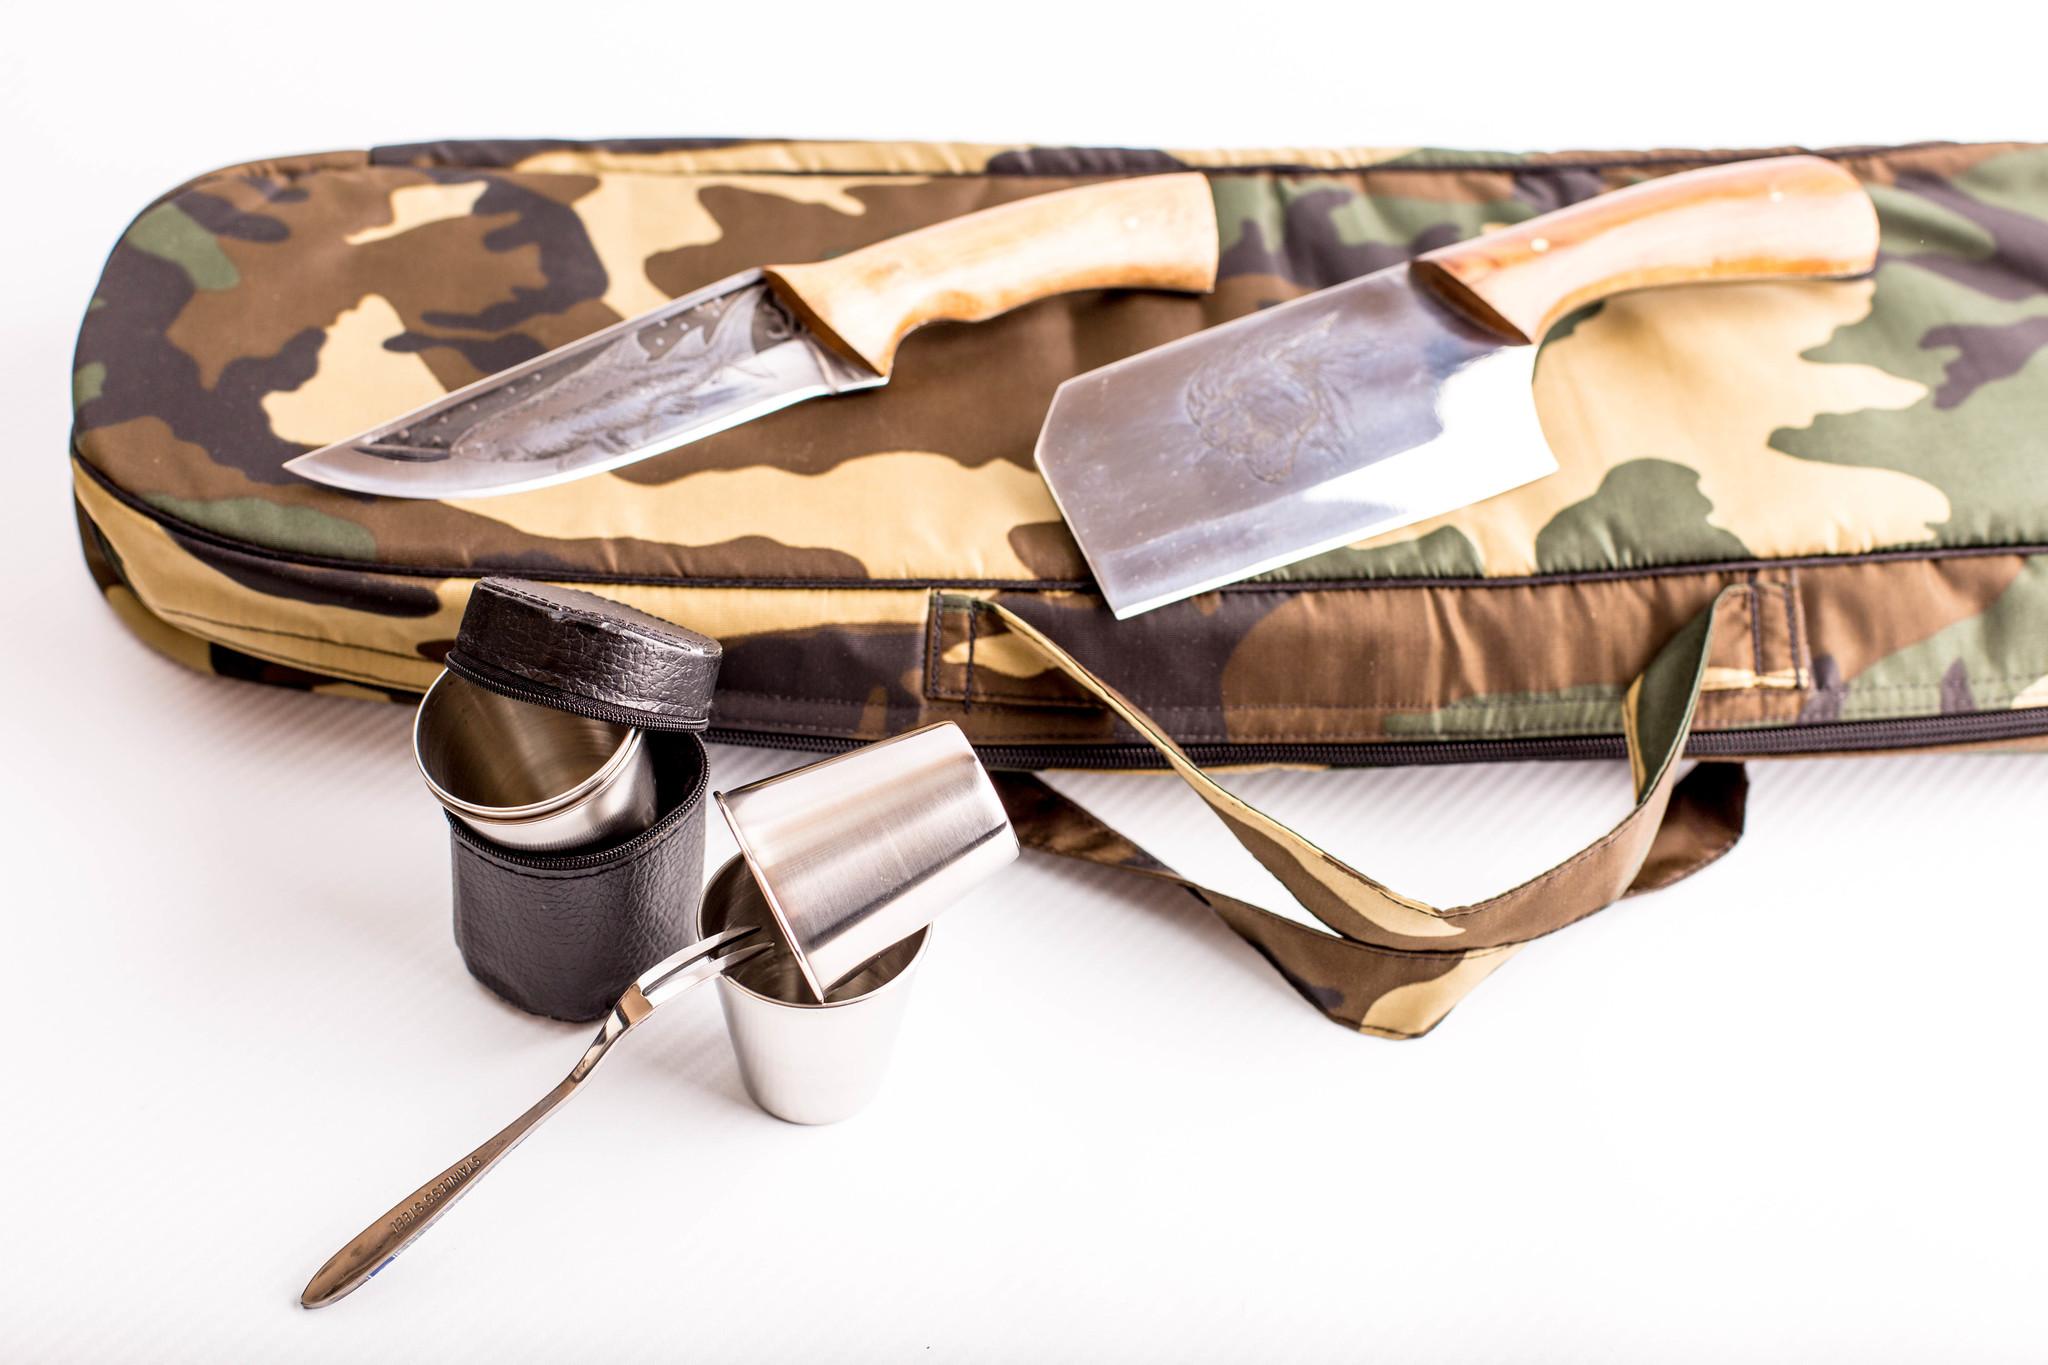 Фото 2 - Шашлычный набор Камуфляж, Кизляр от Кизляр СТО